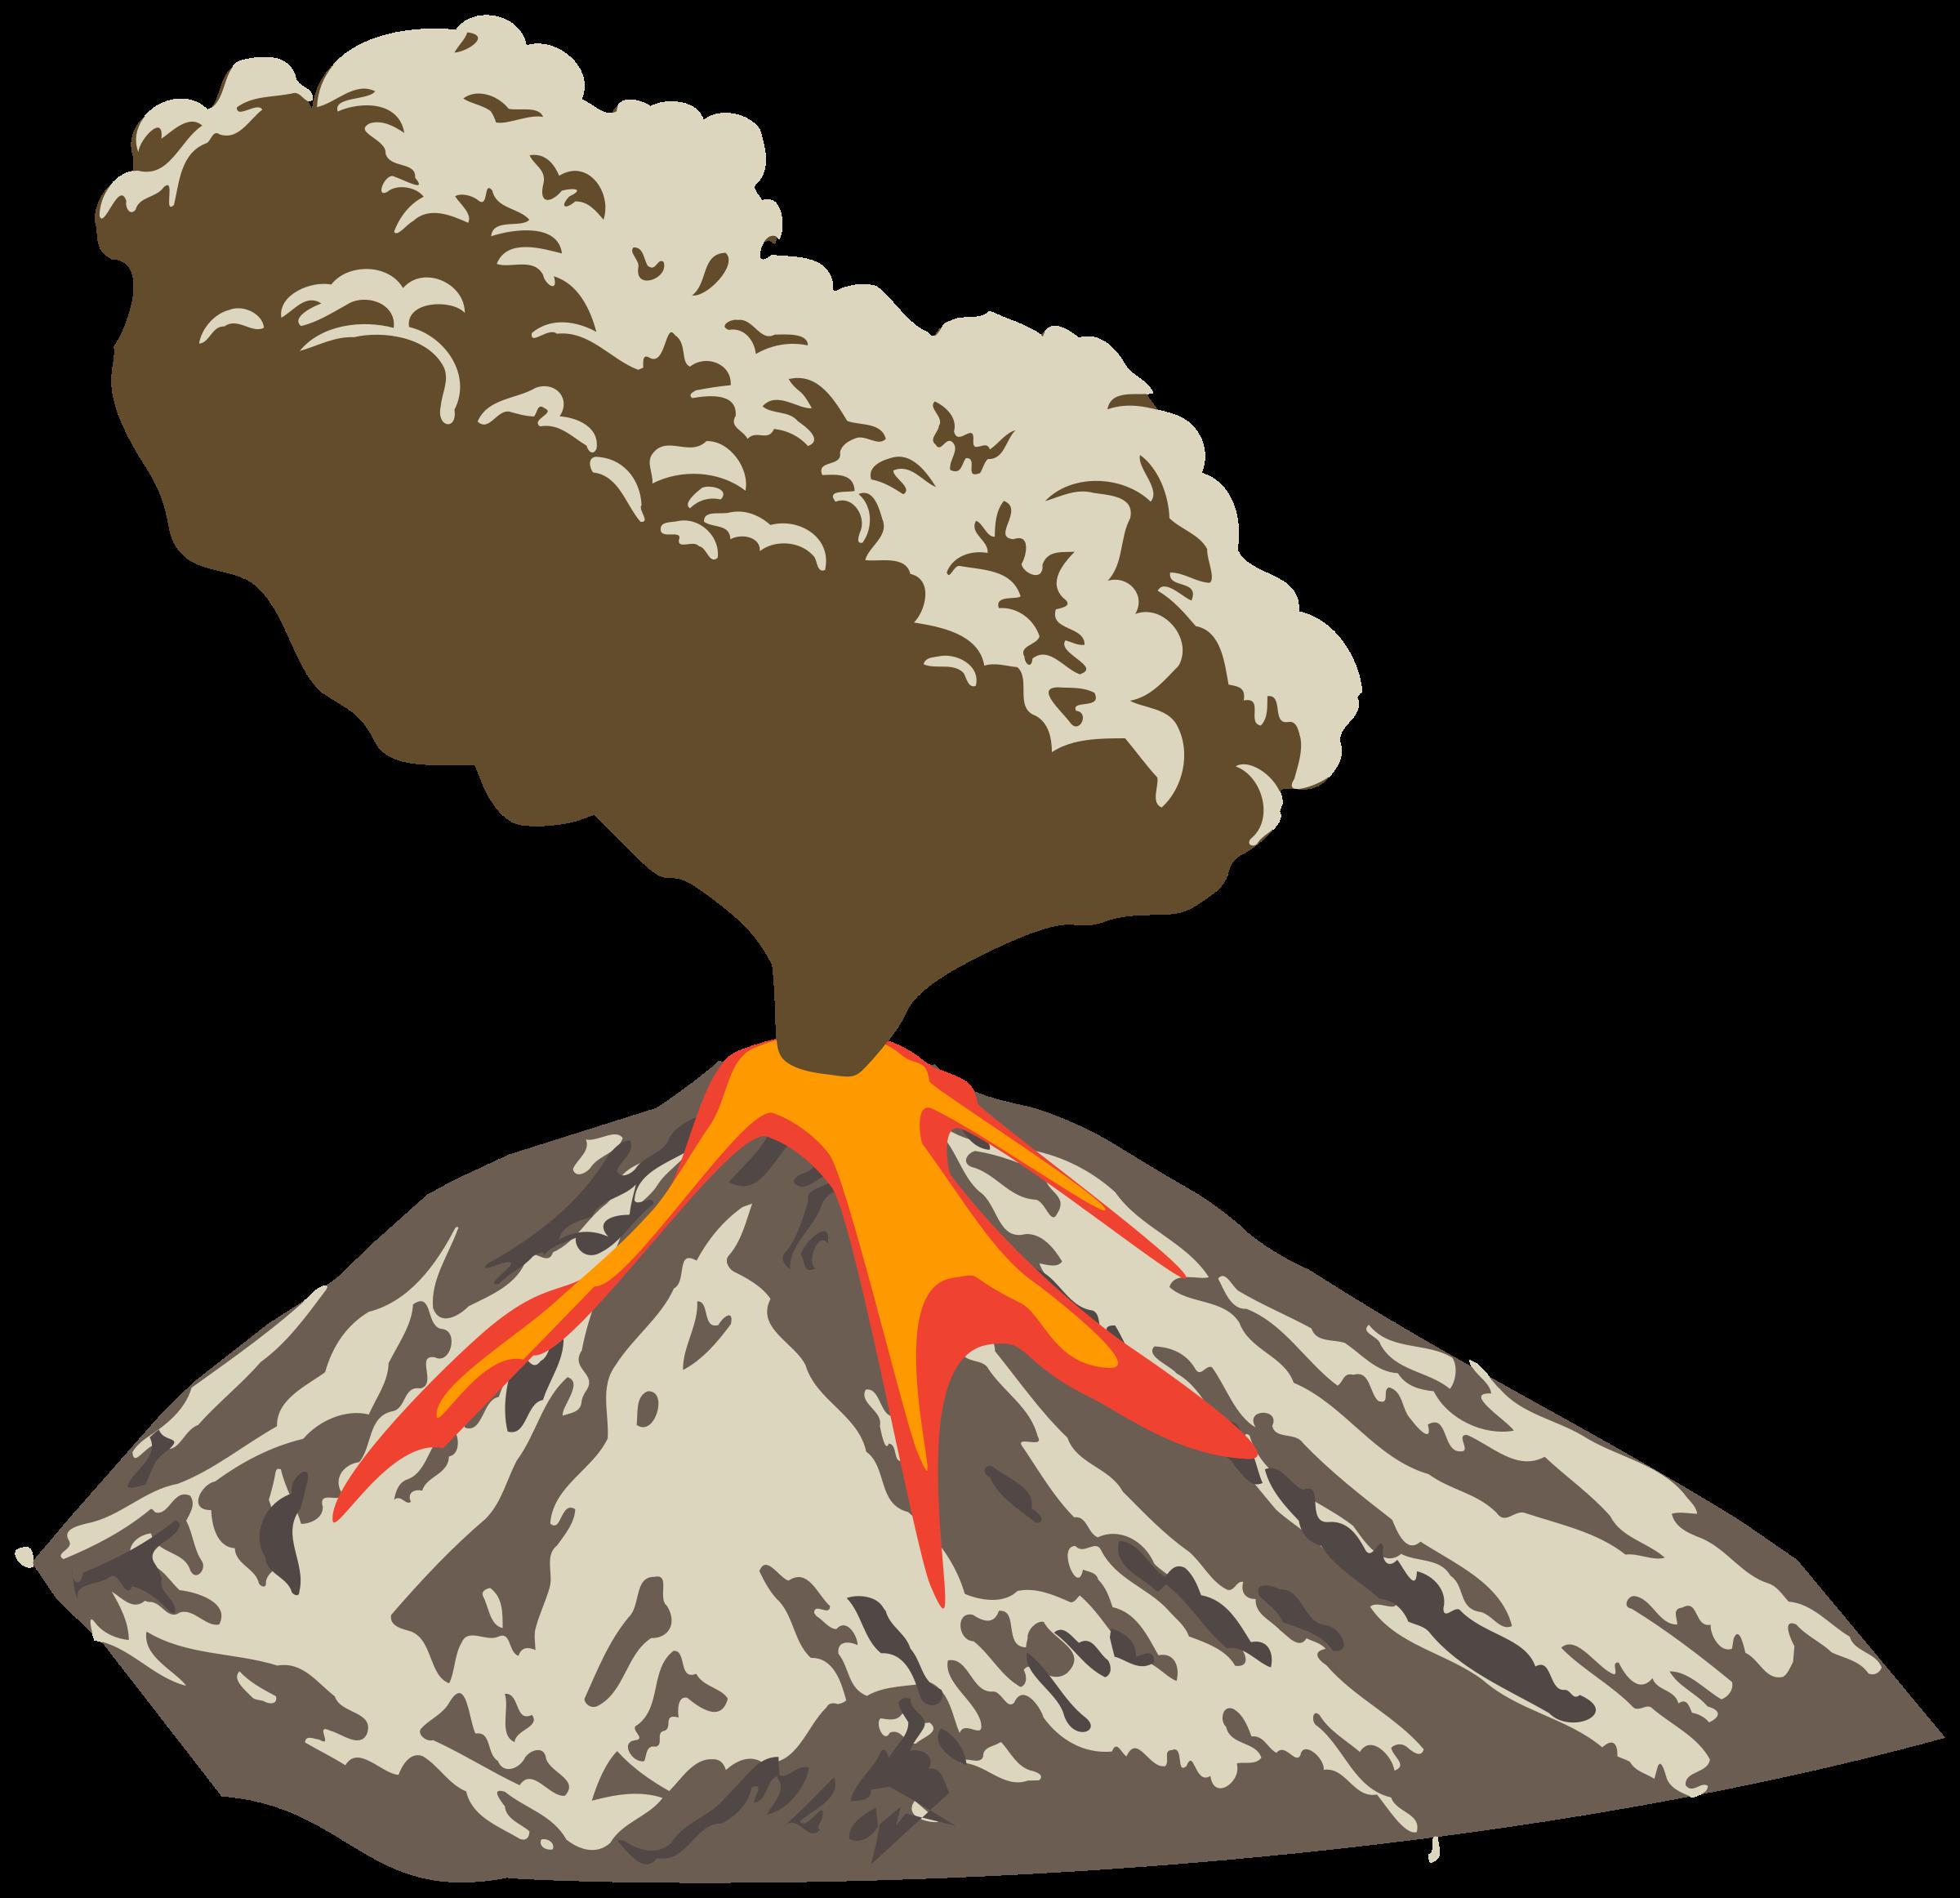 Eruption clipart #14